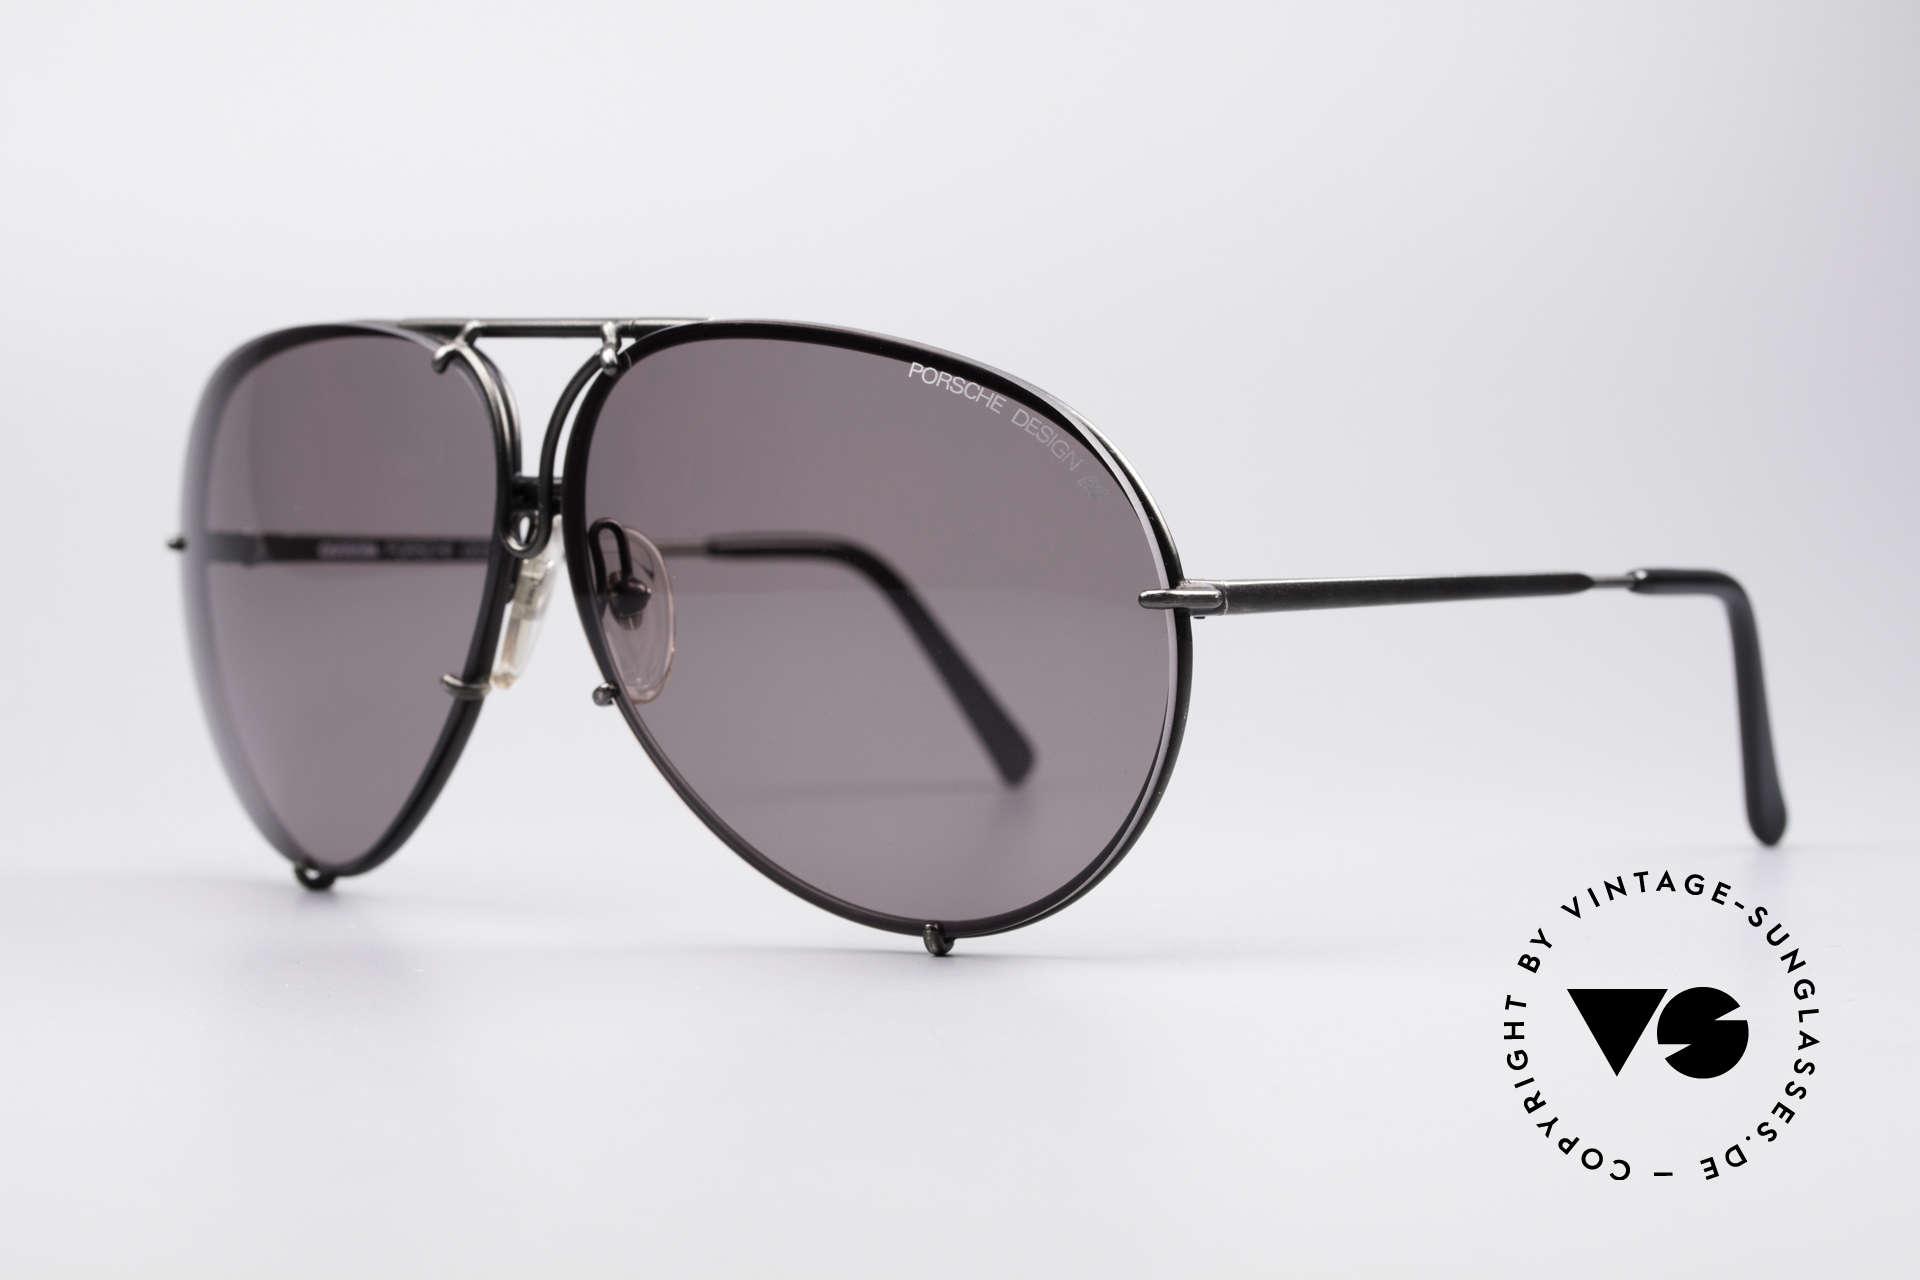 Porsche 5621 Seltene 80er XL Pilotenbrille, SEHR GROSSE 80er Ausführung & KEINE Retrobrille, Passend für Herren